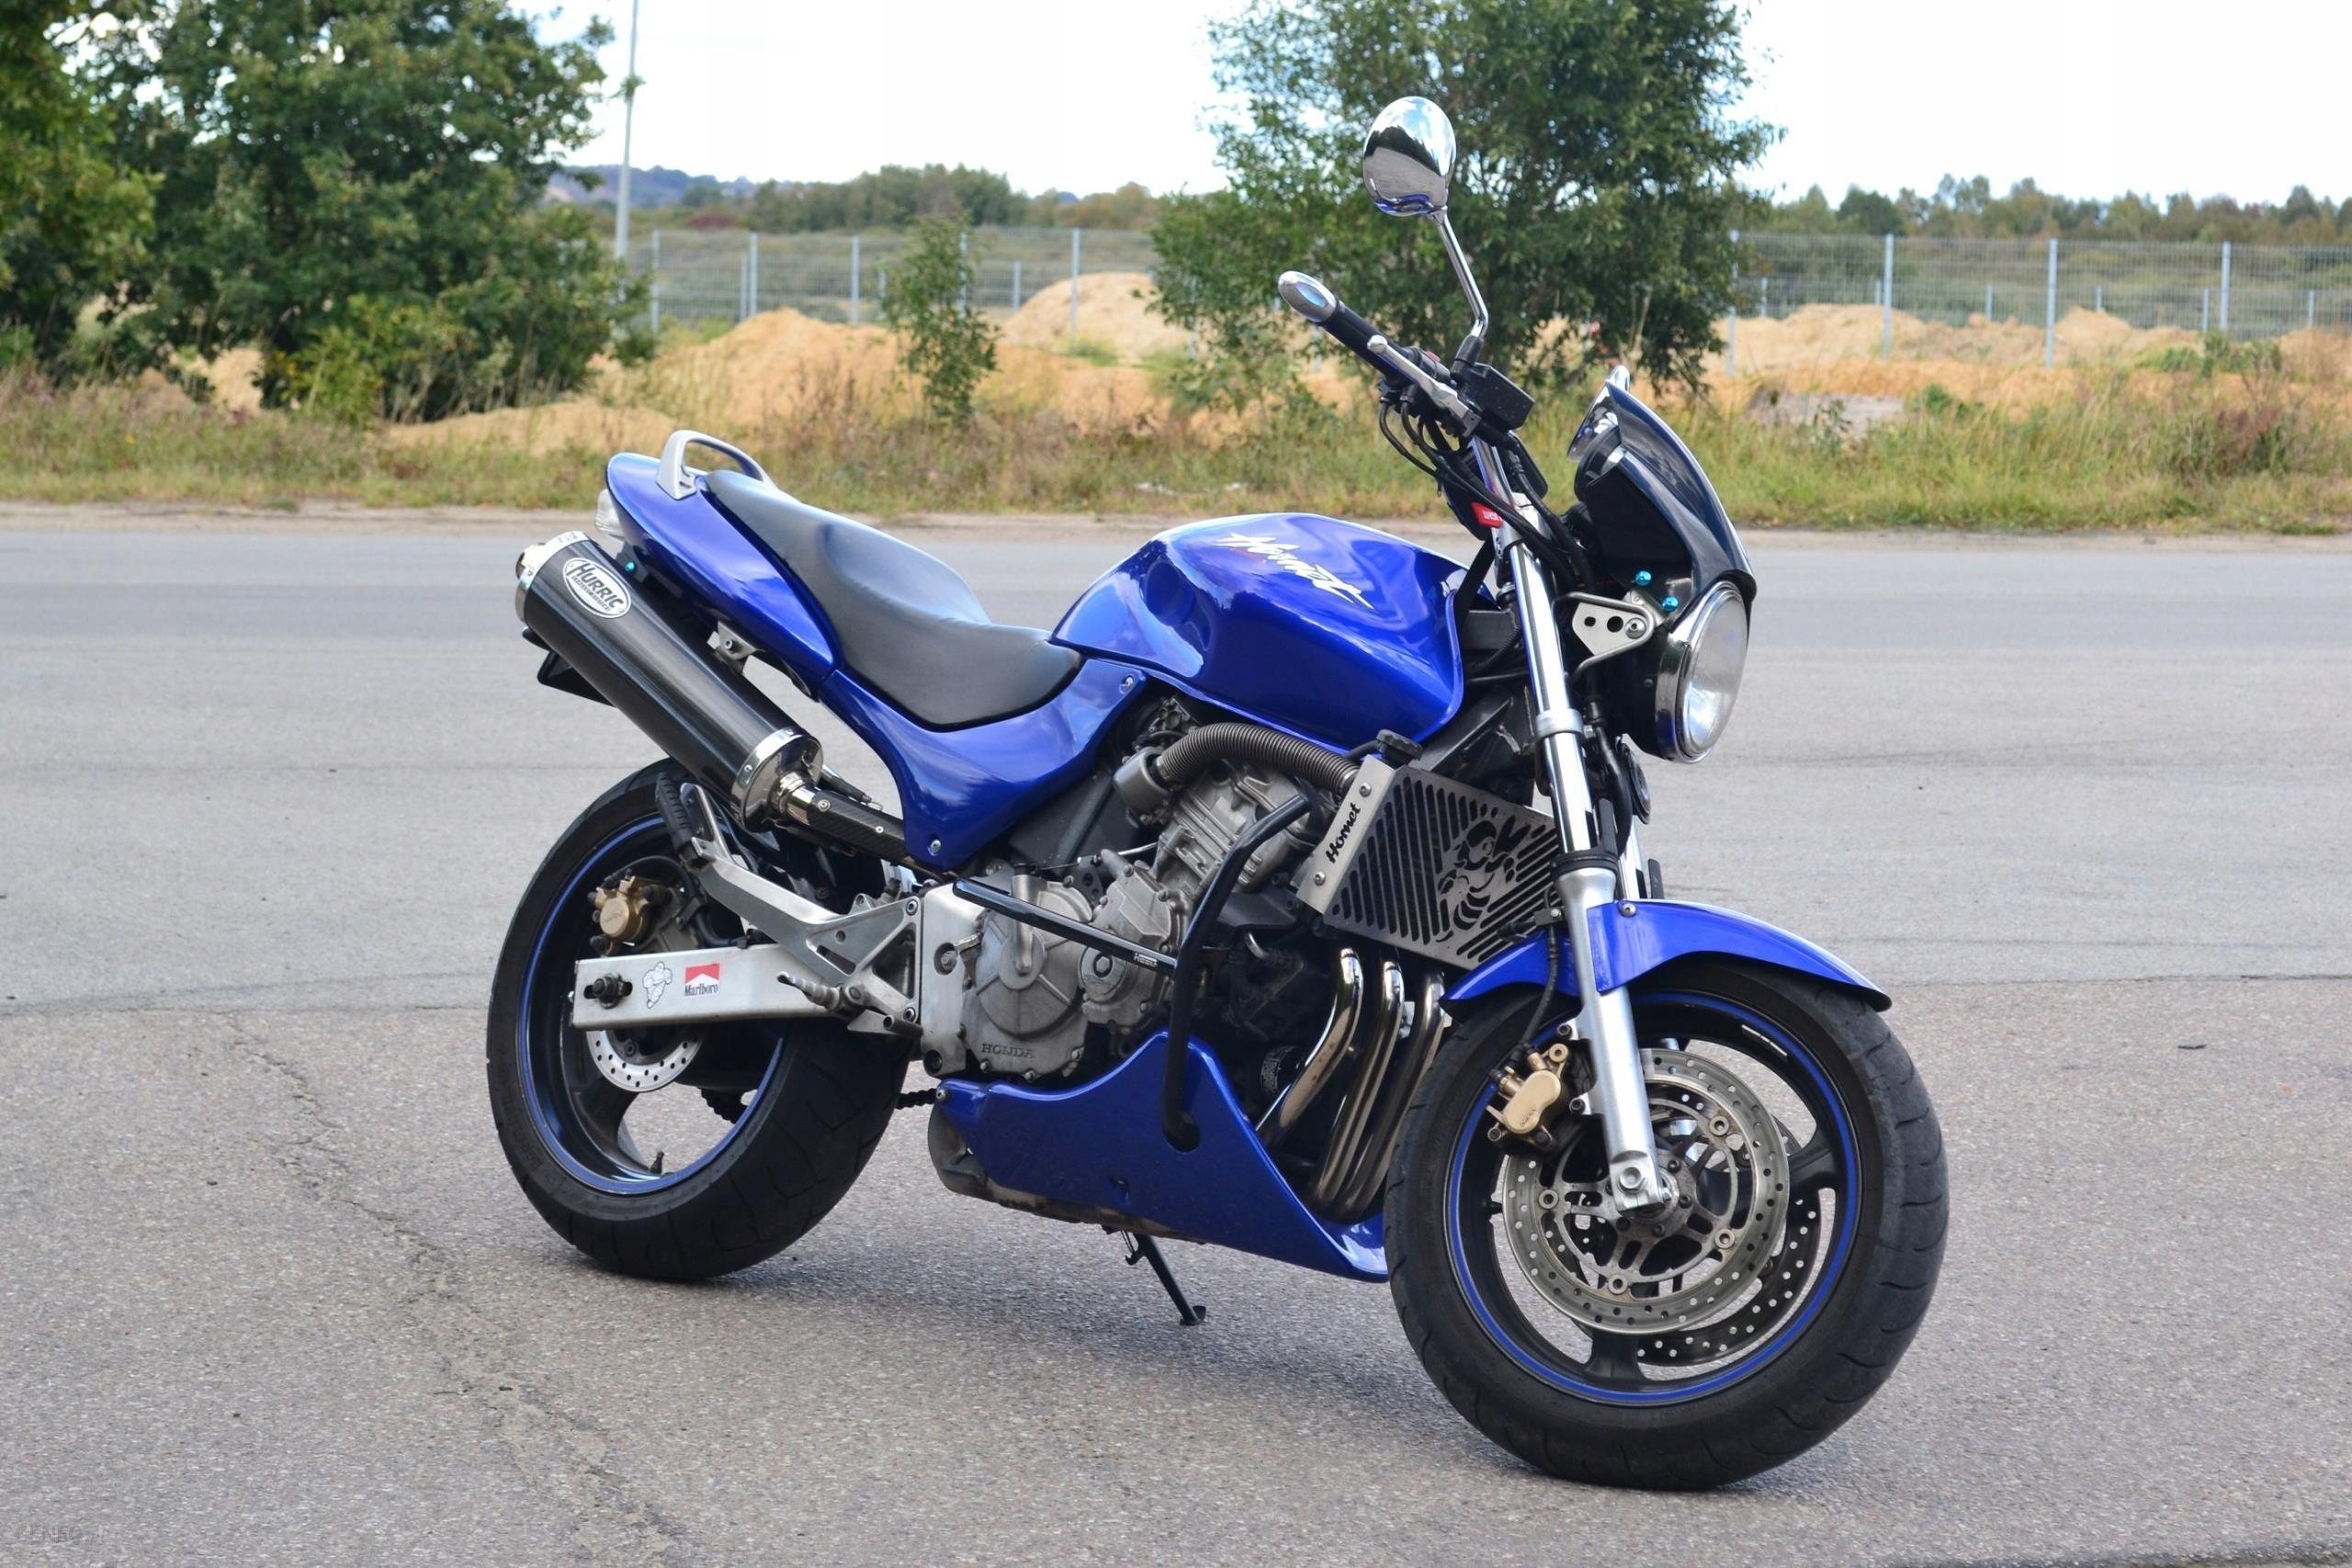 Honda Hornet 600 Kat A2 Opinie I Ceny Na Ceneo Pl